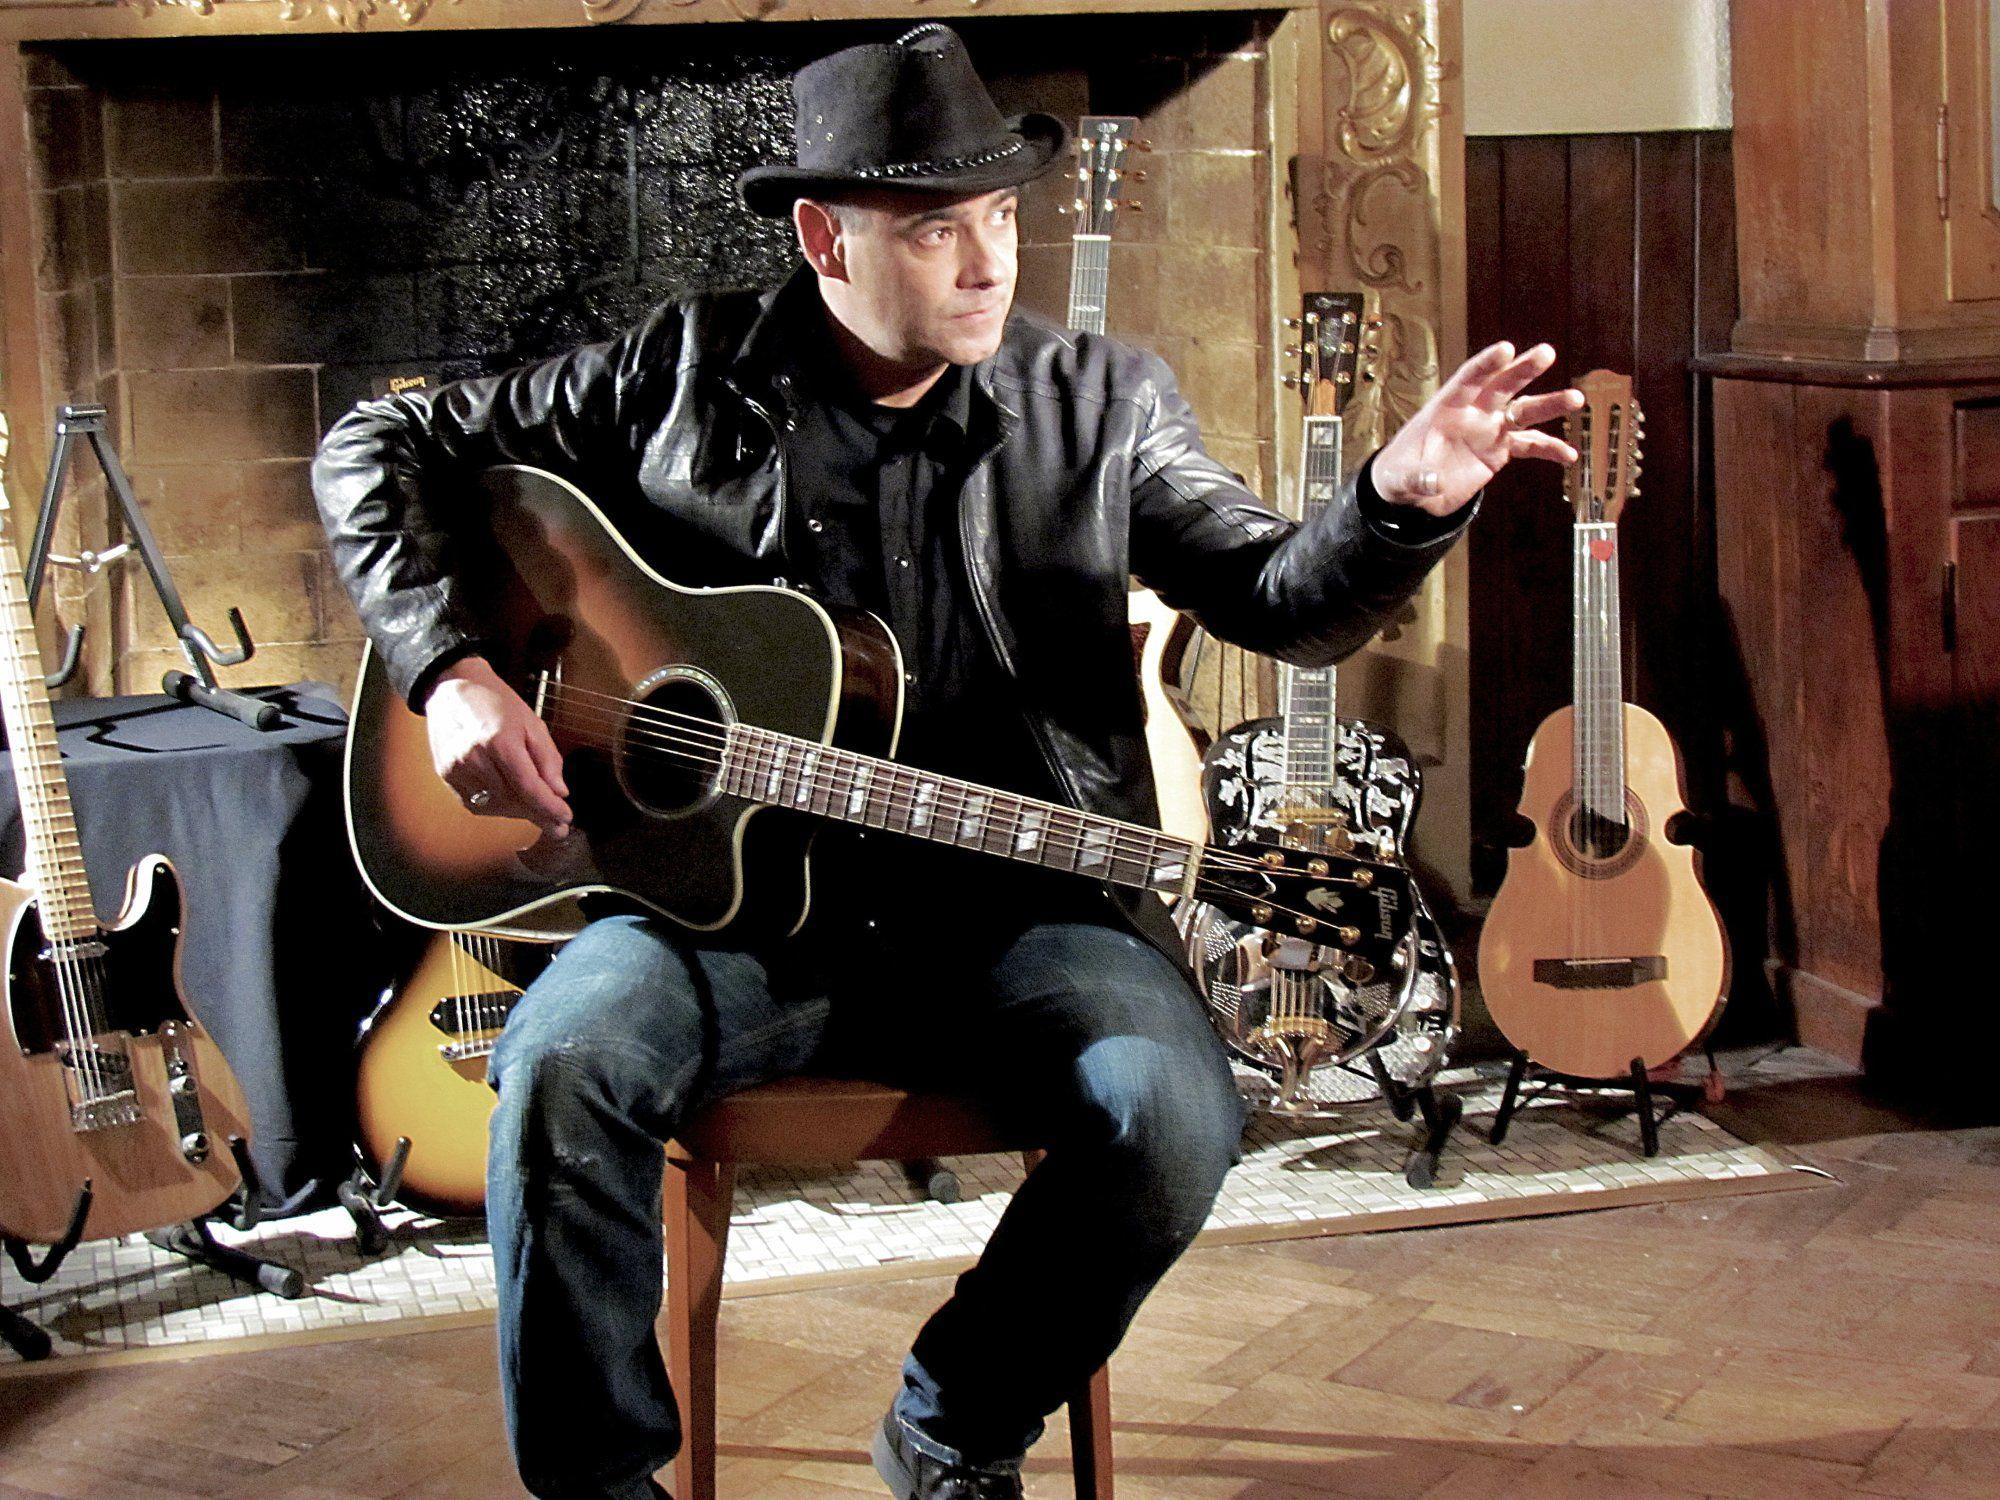 Johnny Duk Country Folk Soul Blues Musician Bedano Ch Hochzeitsmusik Musik Hochzeit